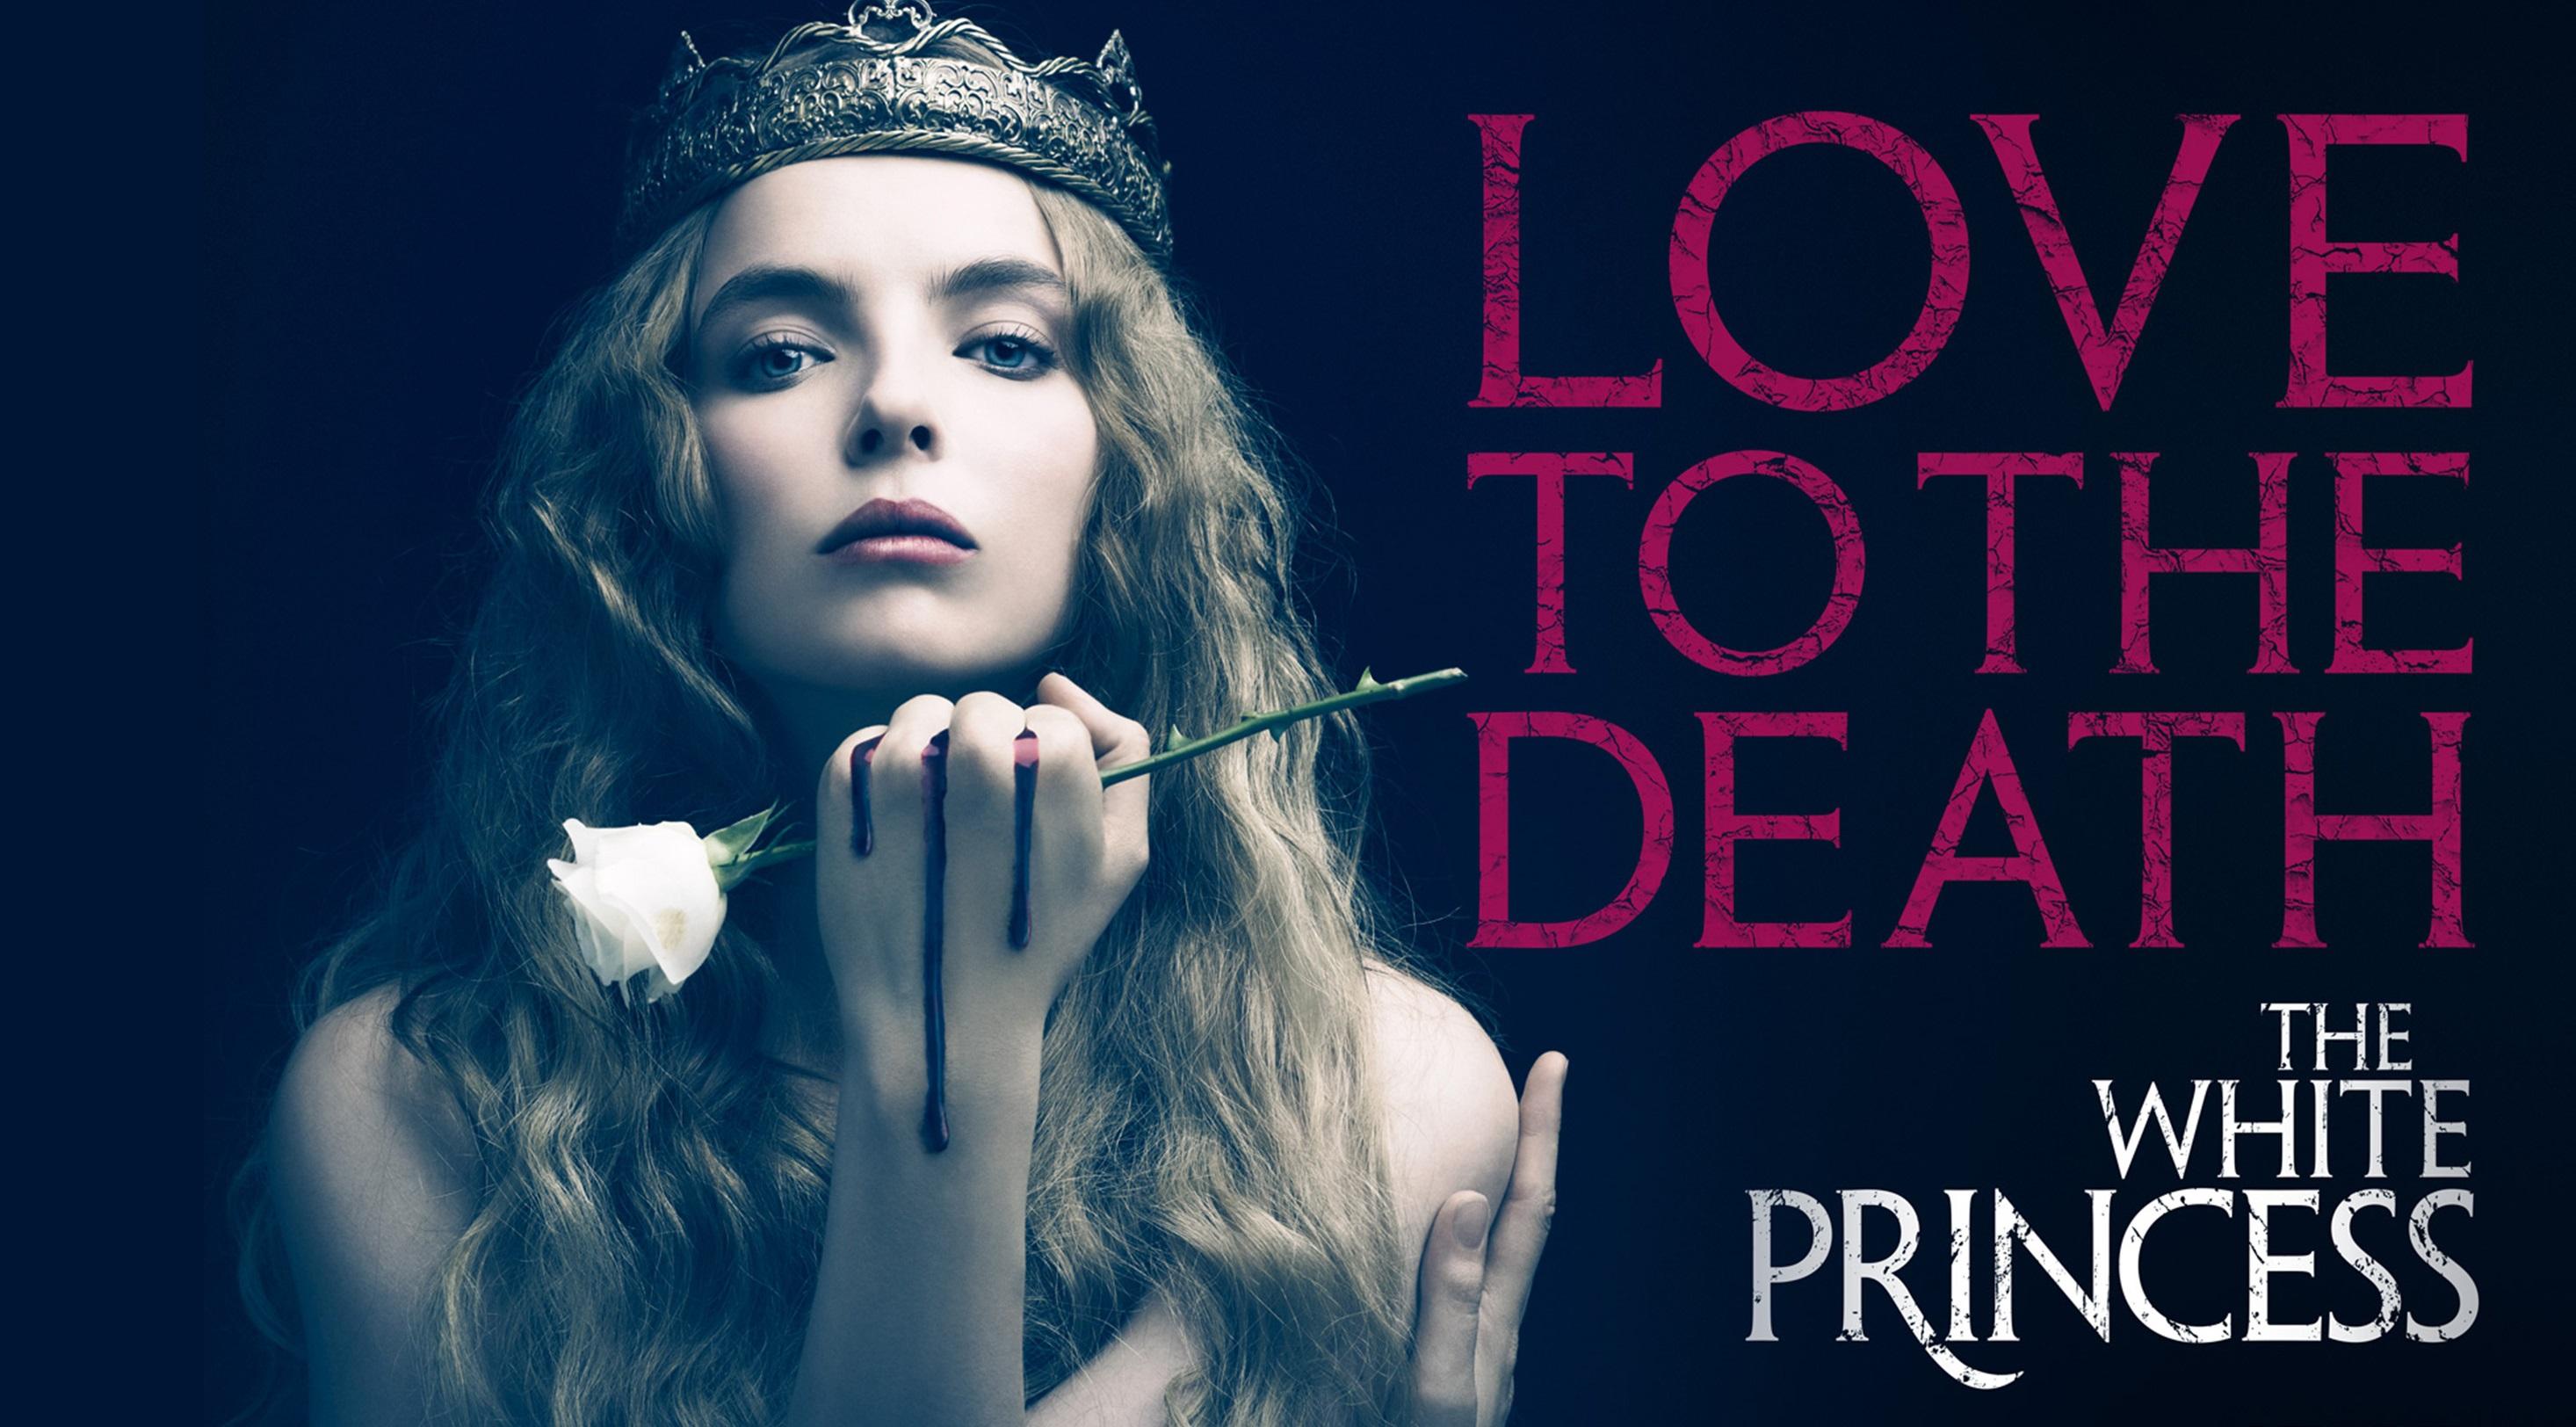 In arrivo The White Princess 1.0 su Starz...